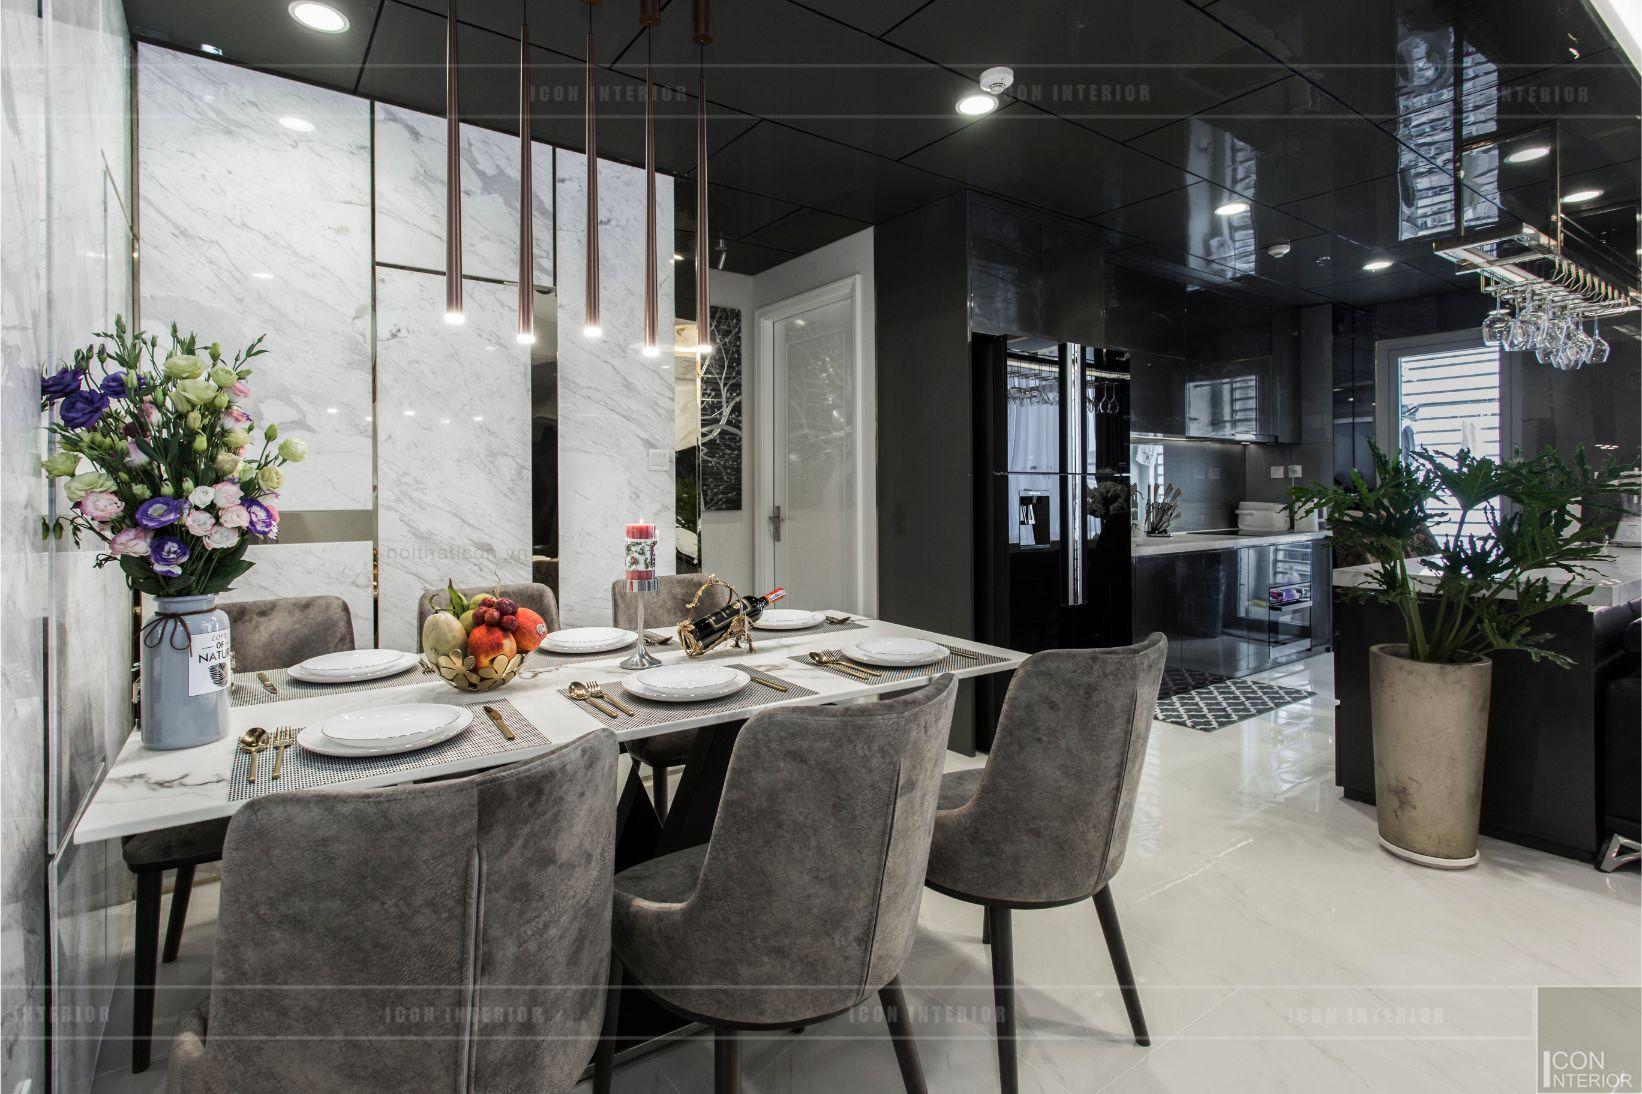 thiết kế thi công nội thất chung cư - phòng khách bếp 9